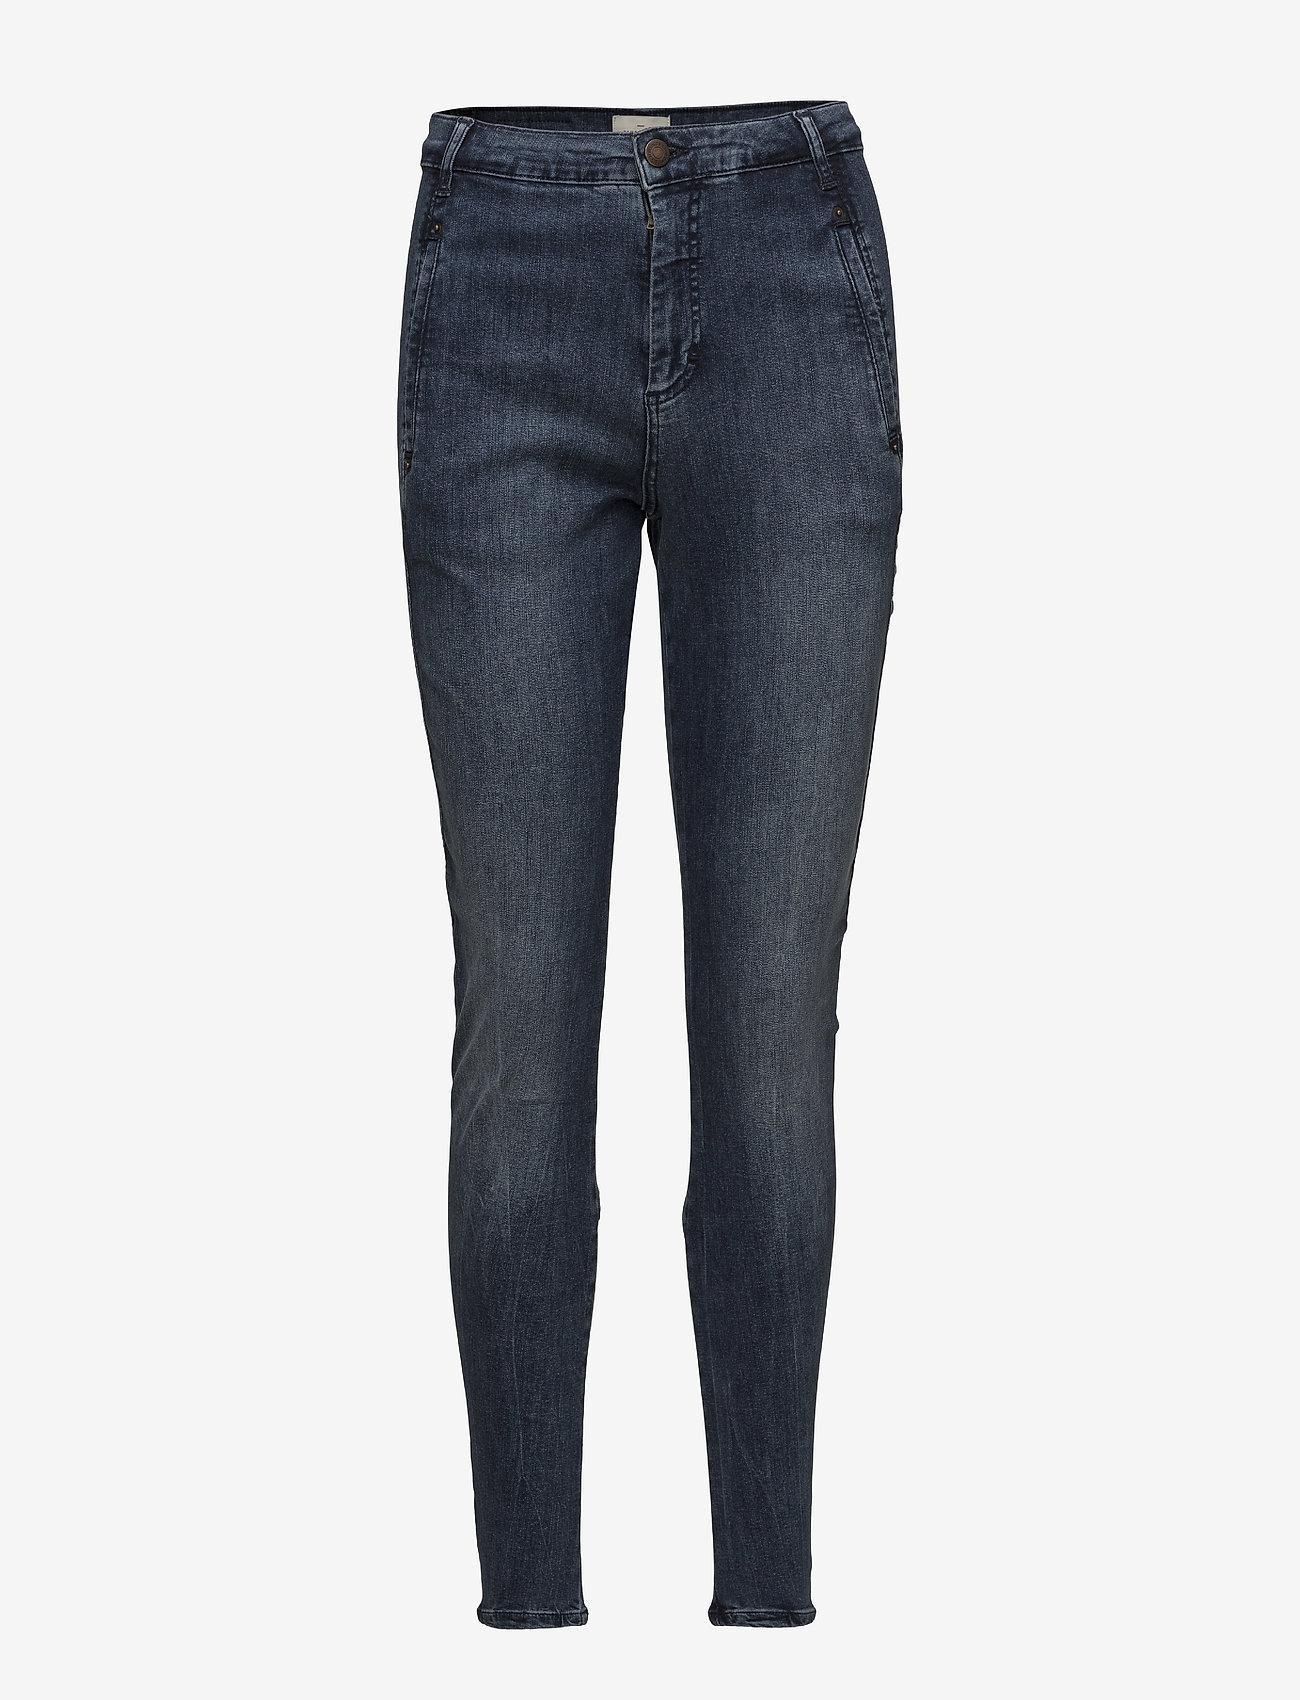 FIVEUNITS - Jolie 727 - raka jeans - dark albany - 0